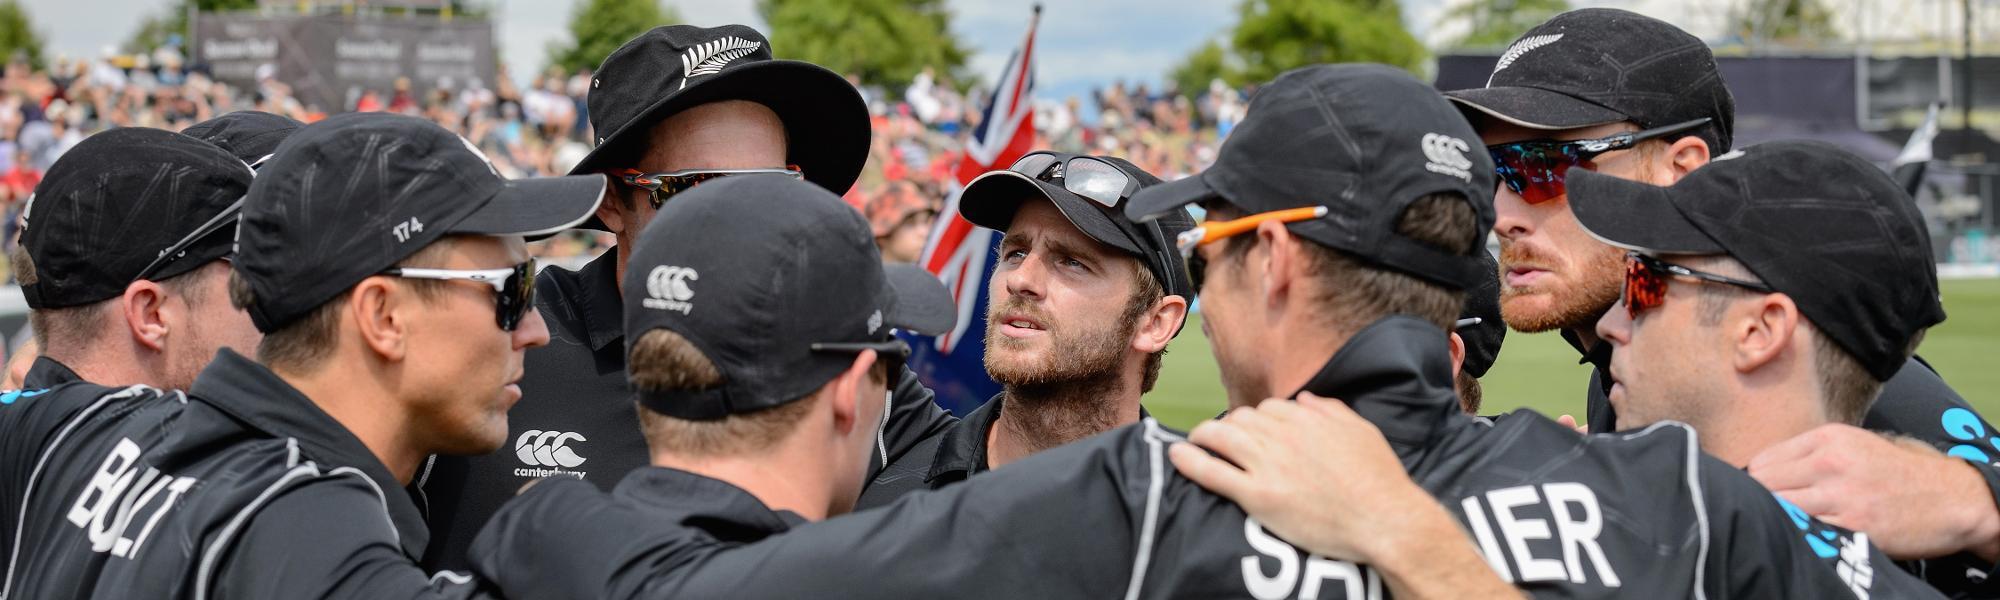 Kane Williamson and New Zealand